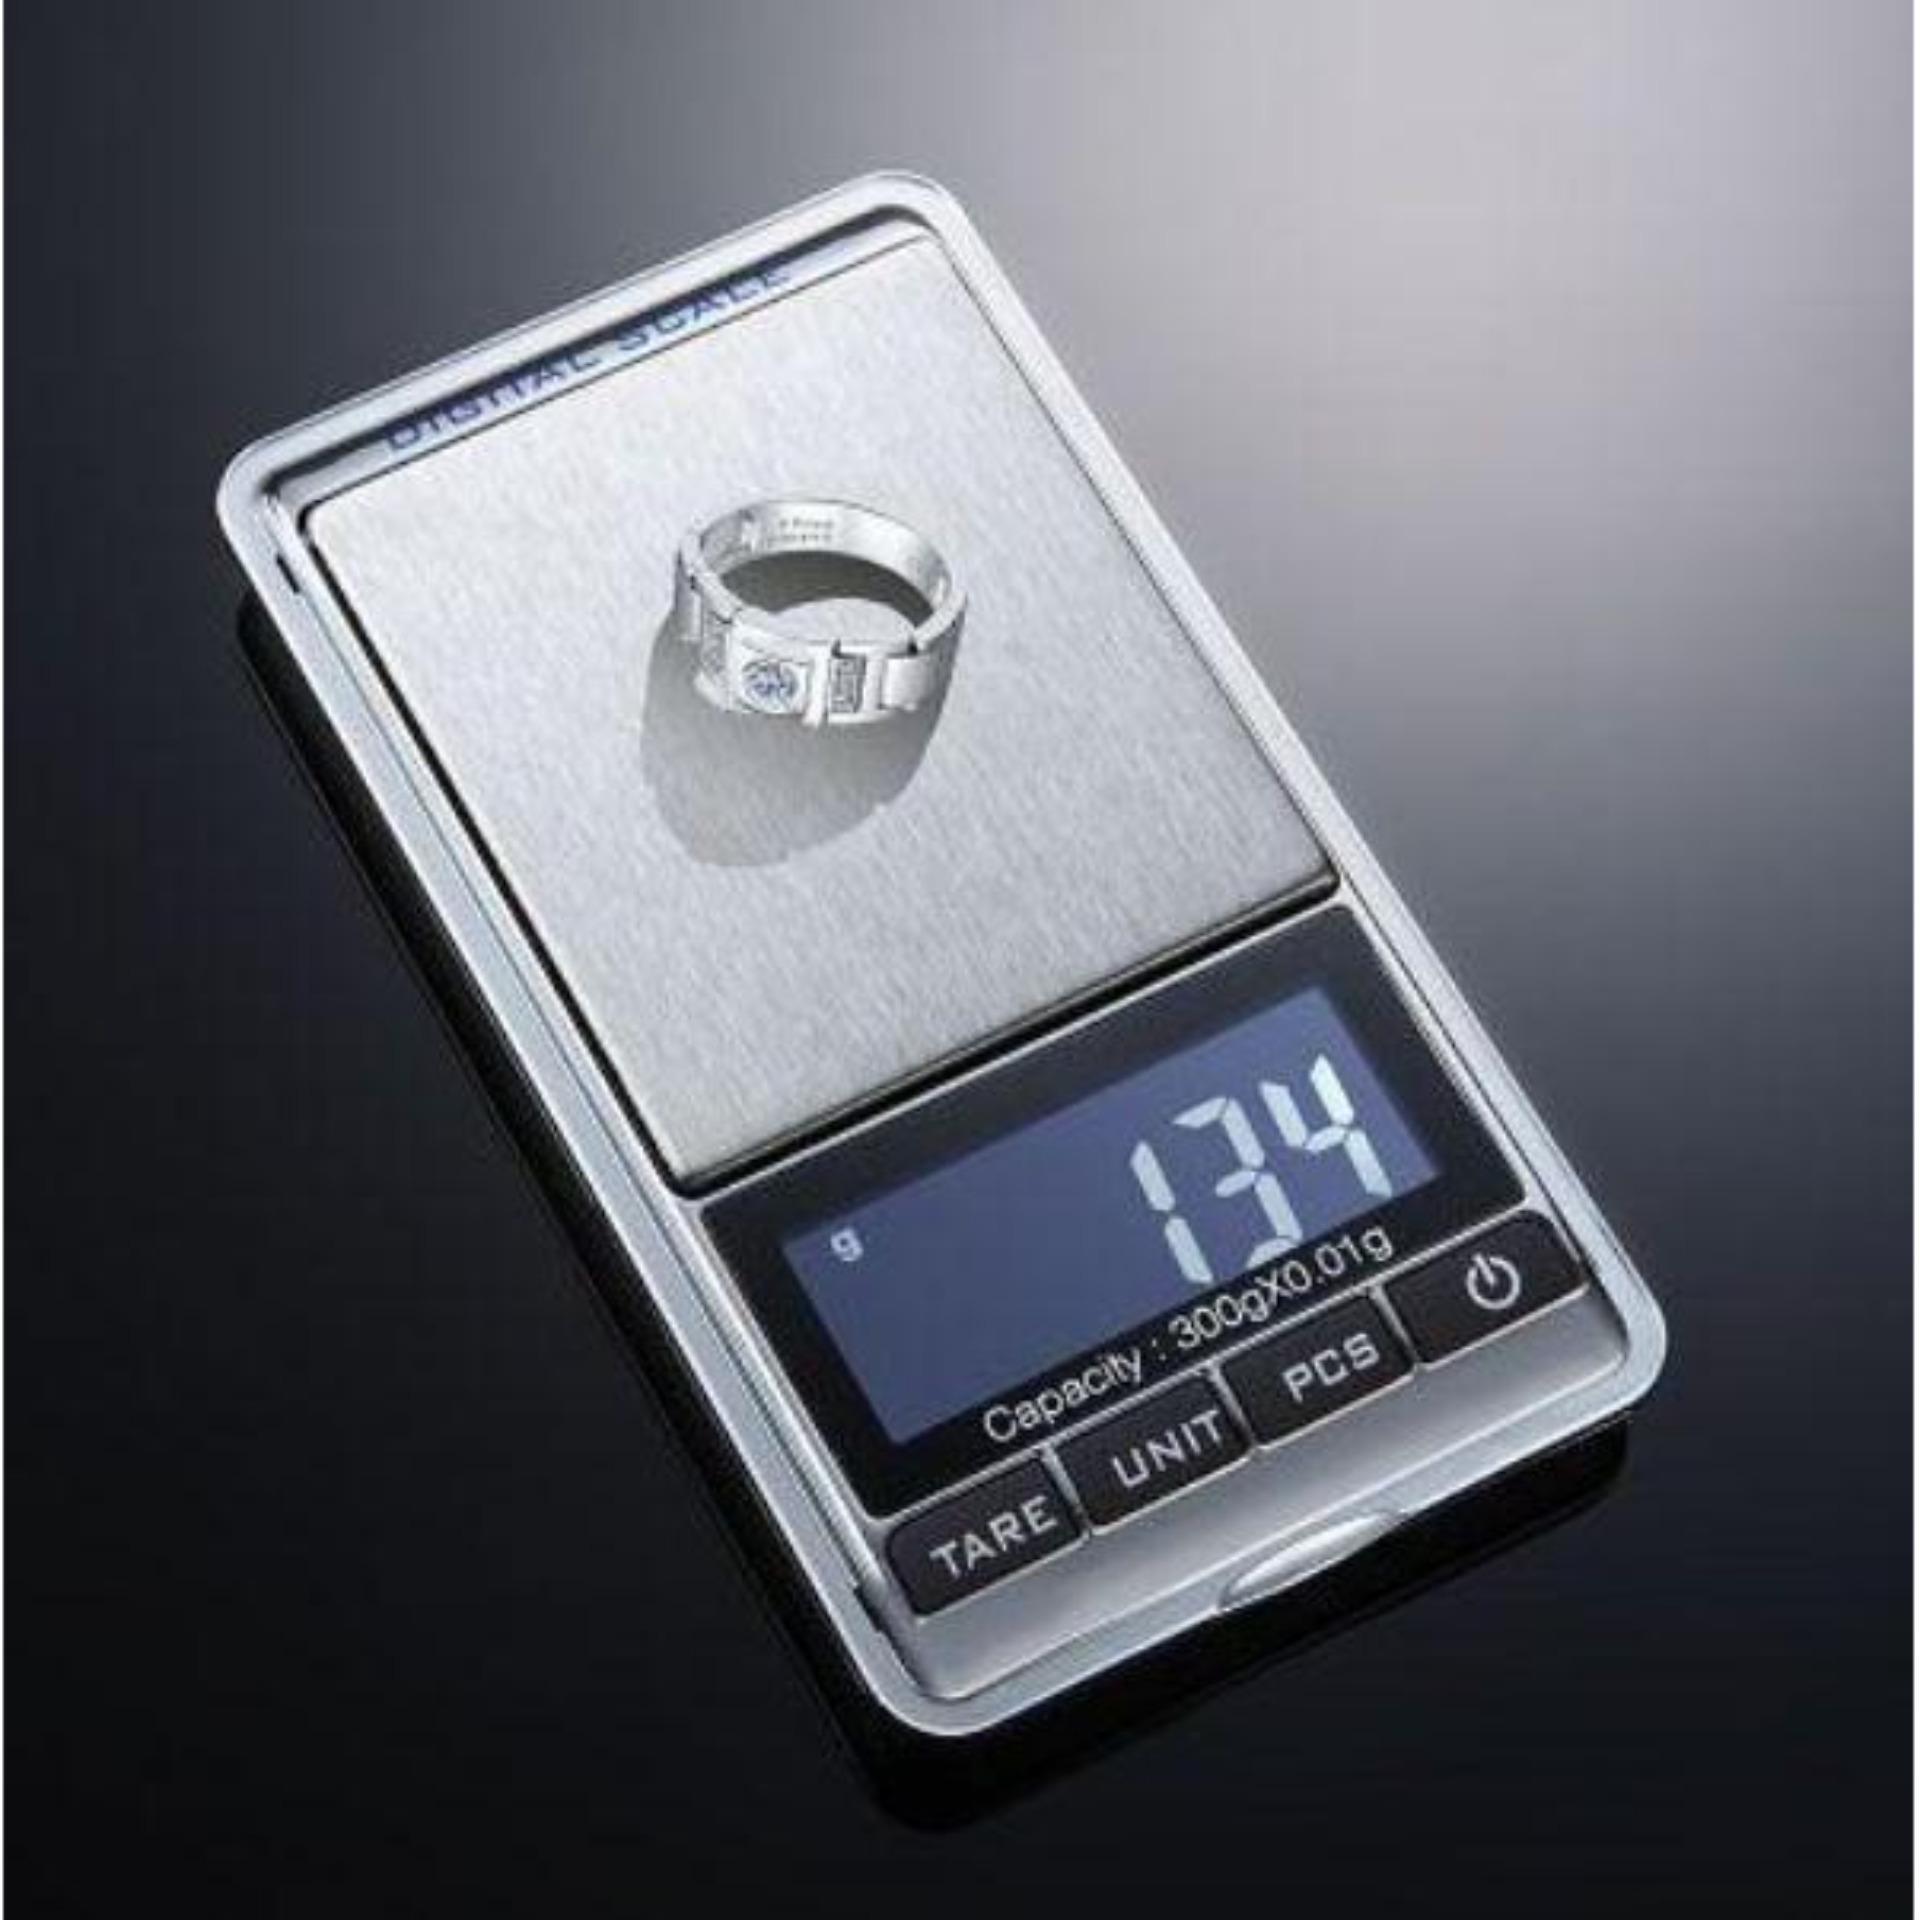 Eshop Checker Timbangan Emas Obat Digital Ps98 Akurasi 001g Max Omron Hn 289 300 Gram Bagus